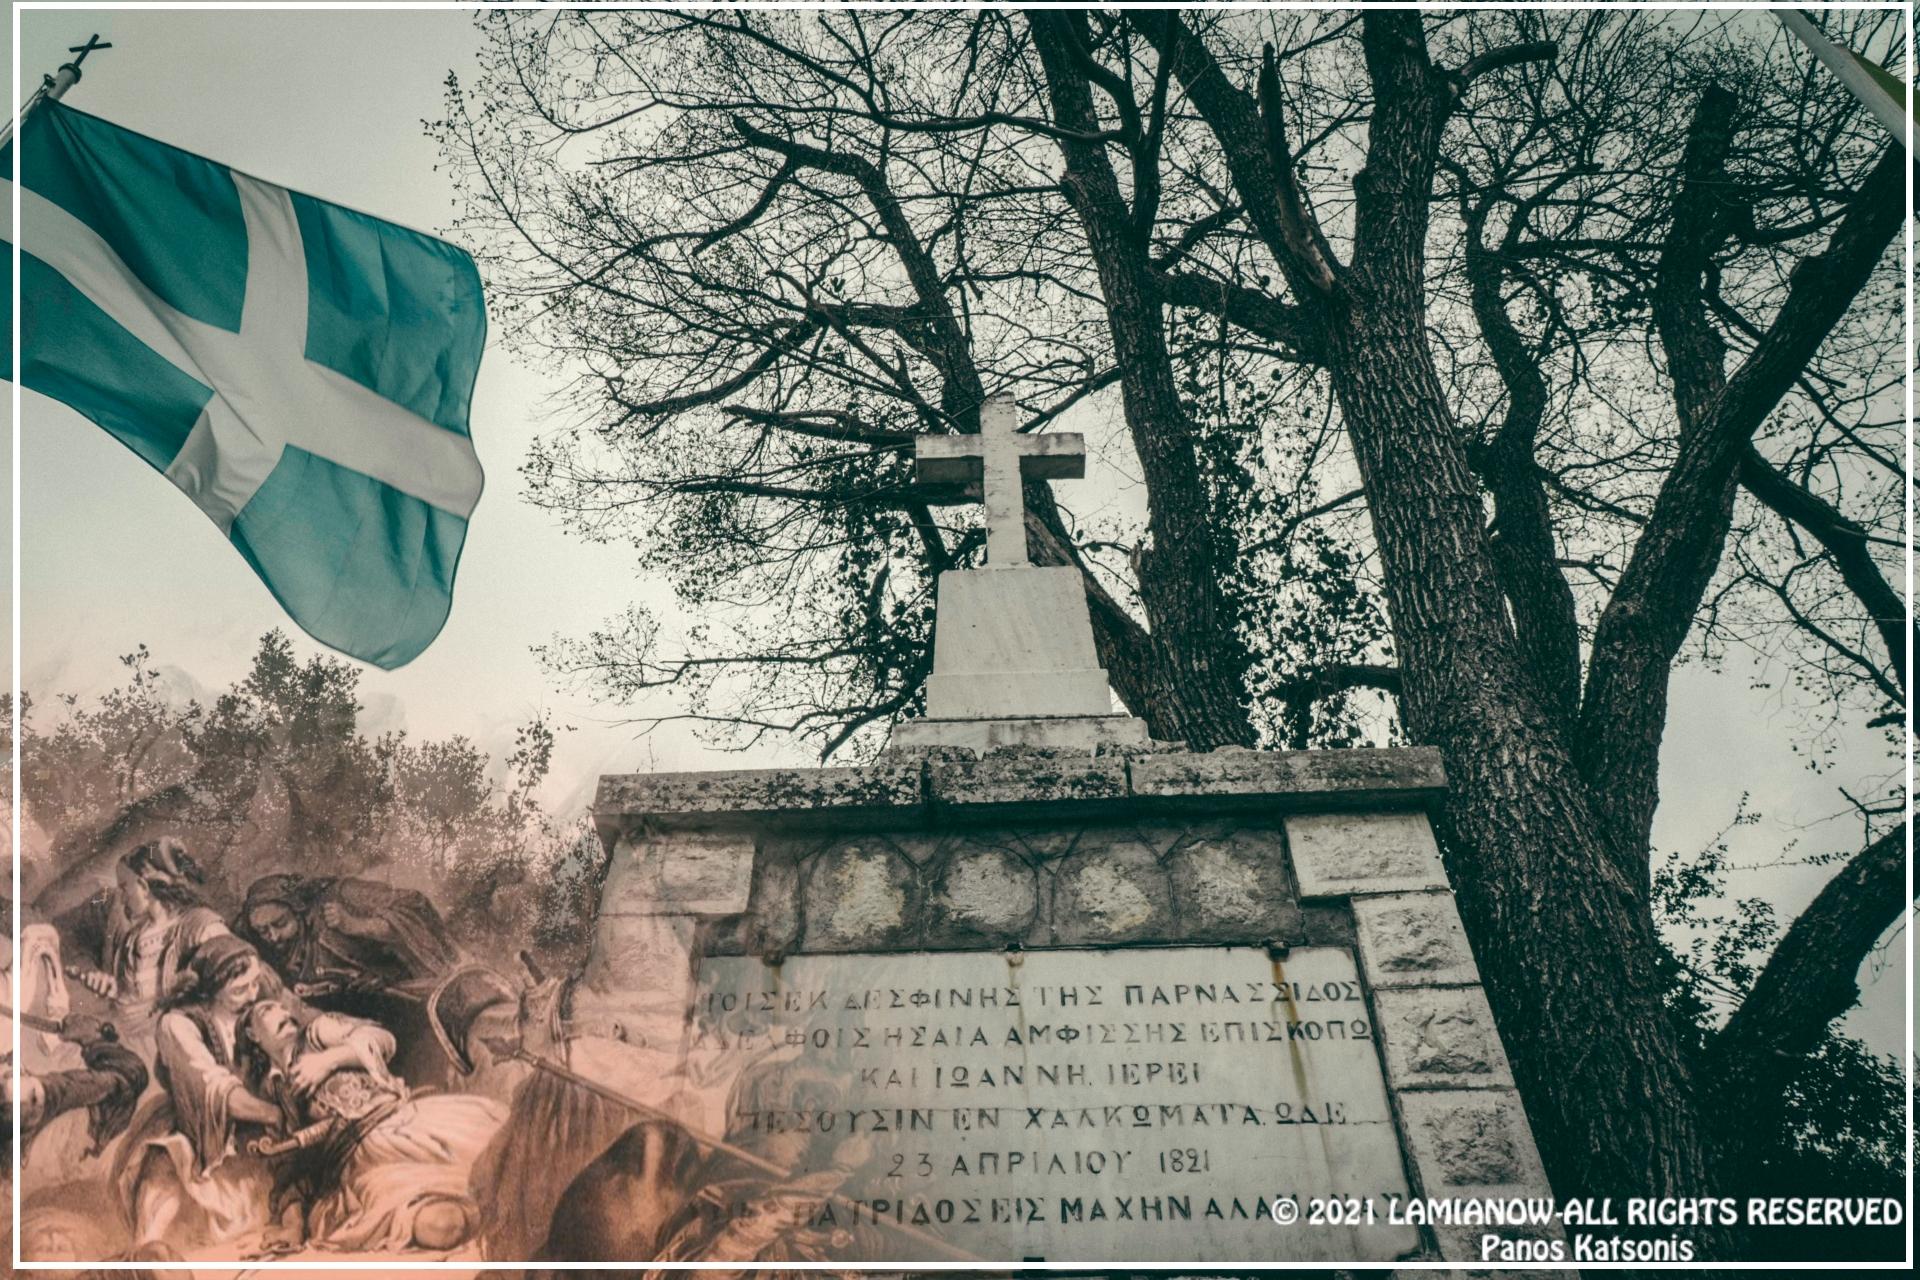 Λαμία: Το μνημείο των ηρώων που λησμόνησε η πολιτεία και ανέδειξαν οι καταδρομείς (video)